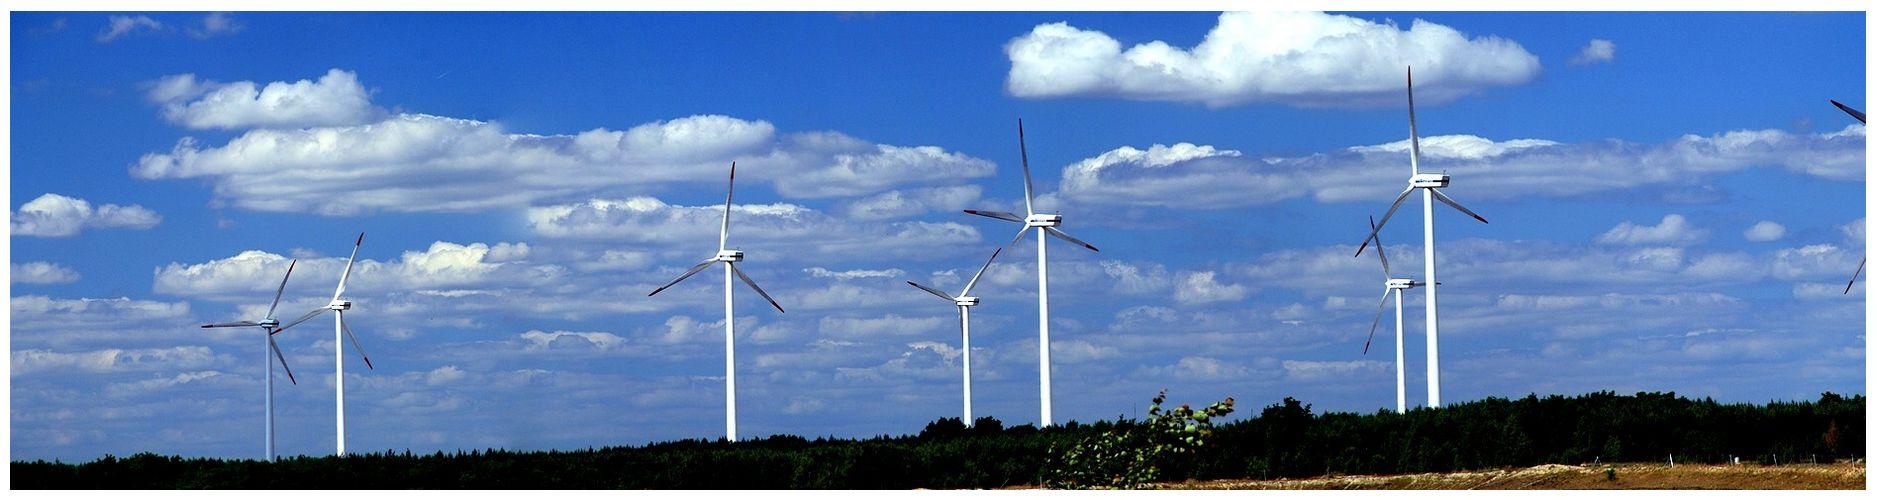 Teil vom Windpark Klettwitz   (1)  / Brandenburg